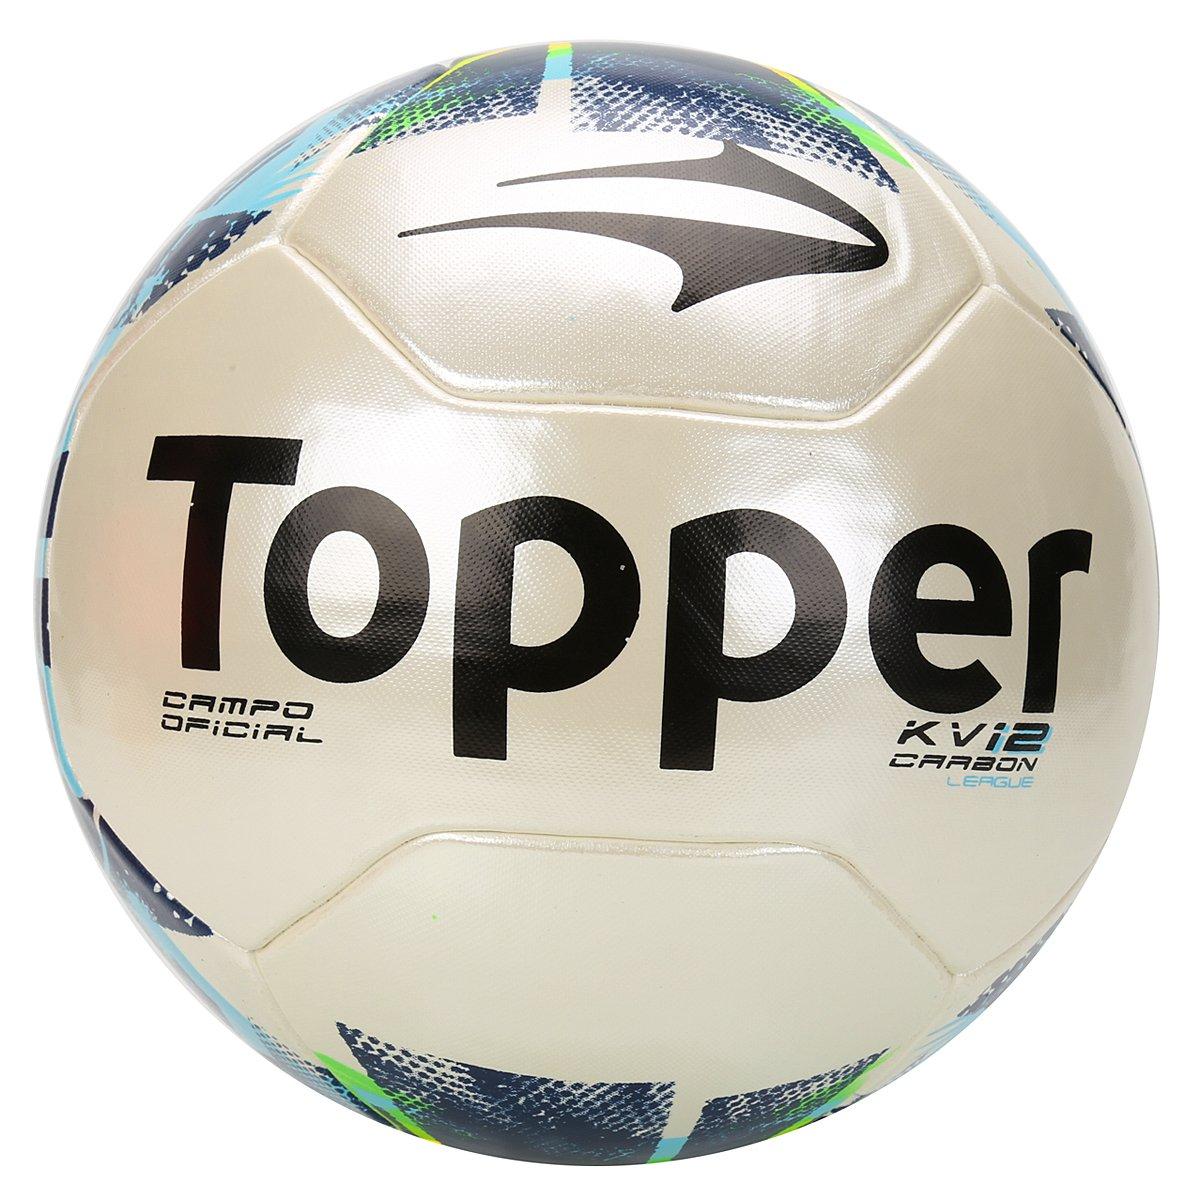 44b8fd4bdf626 Bola Futebol Campo Topper KV Carbon League 2 - Branco e Marinho - Compre  Agora